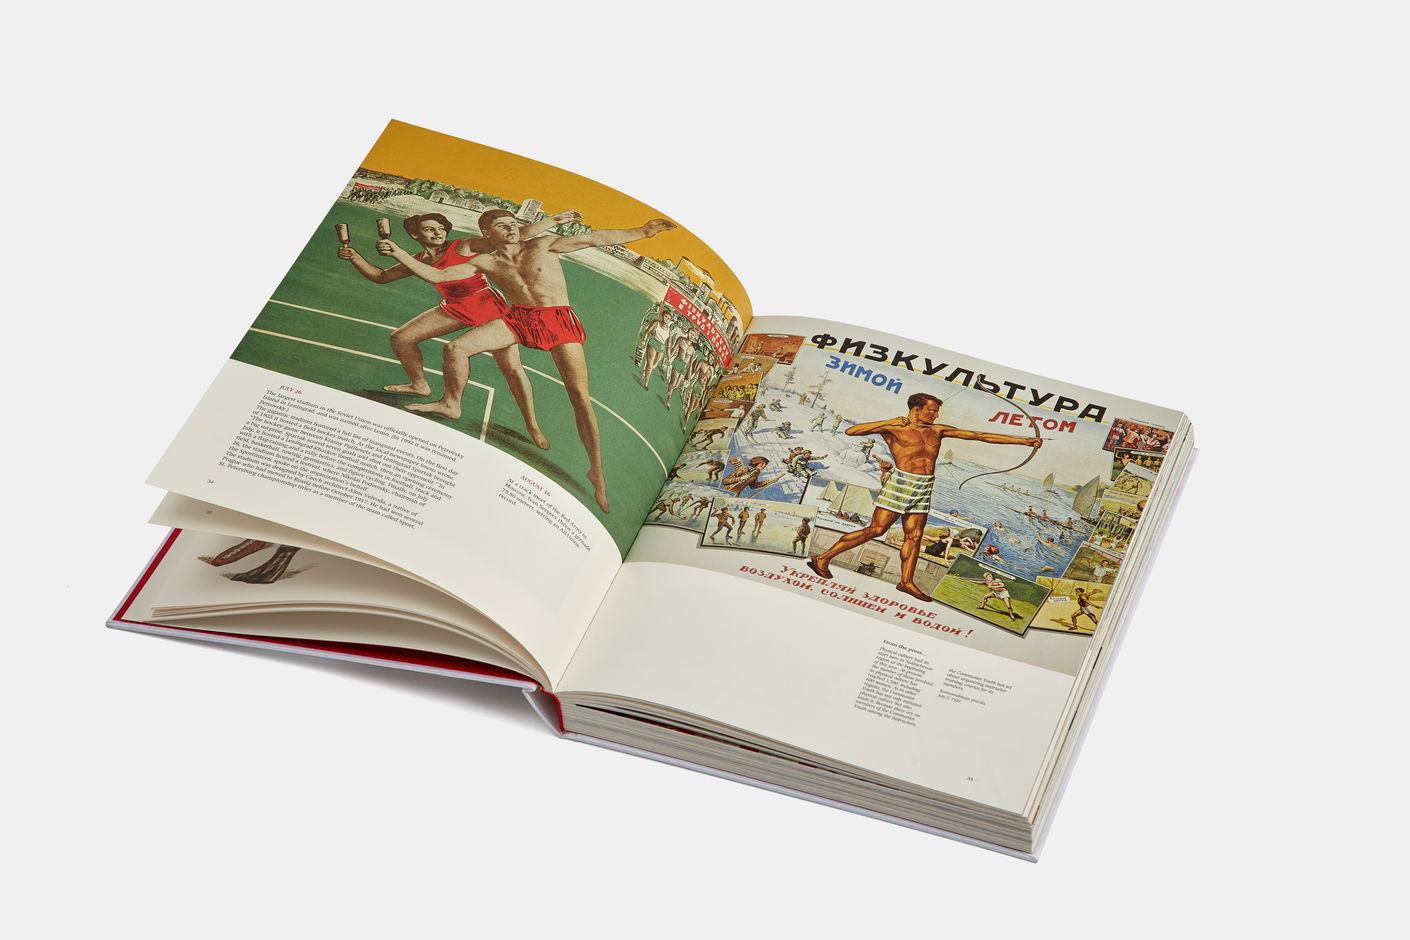 Подарочная книга Спорт в СССР, 2012 Агей Томеш, Лаборатория дизайна НИУ ВШЭ